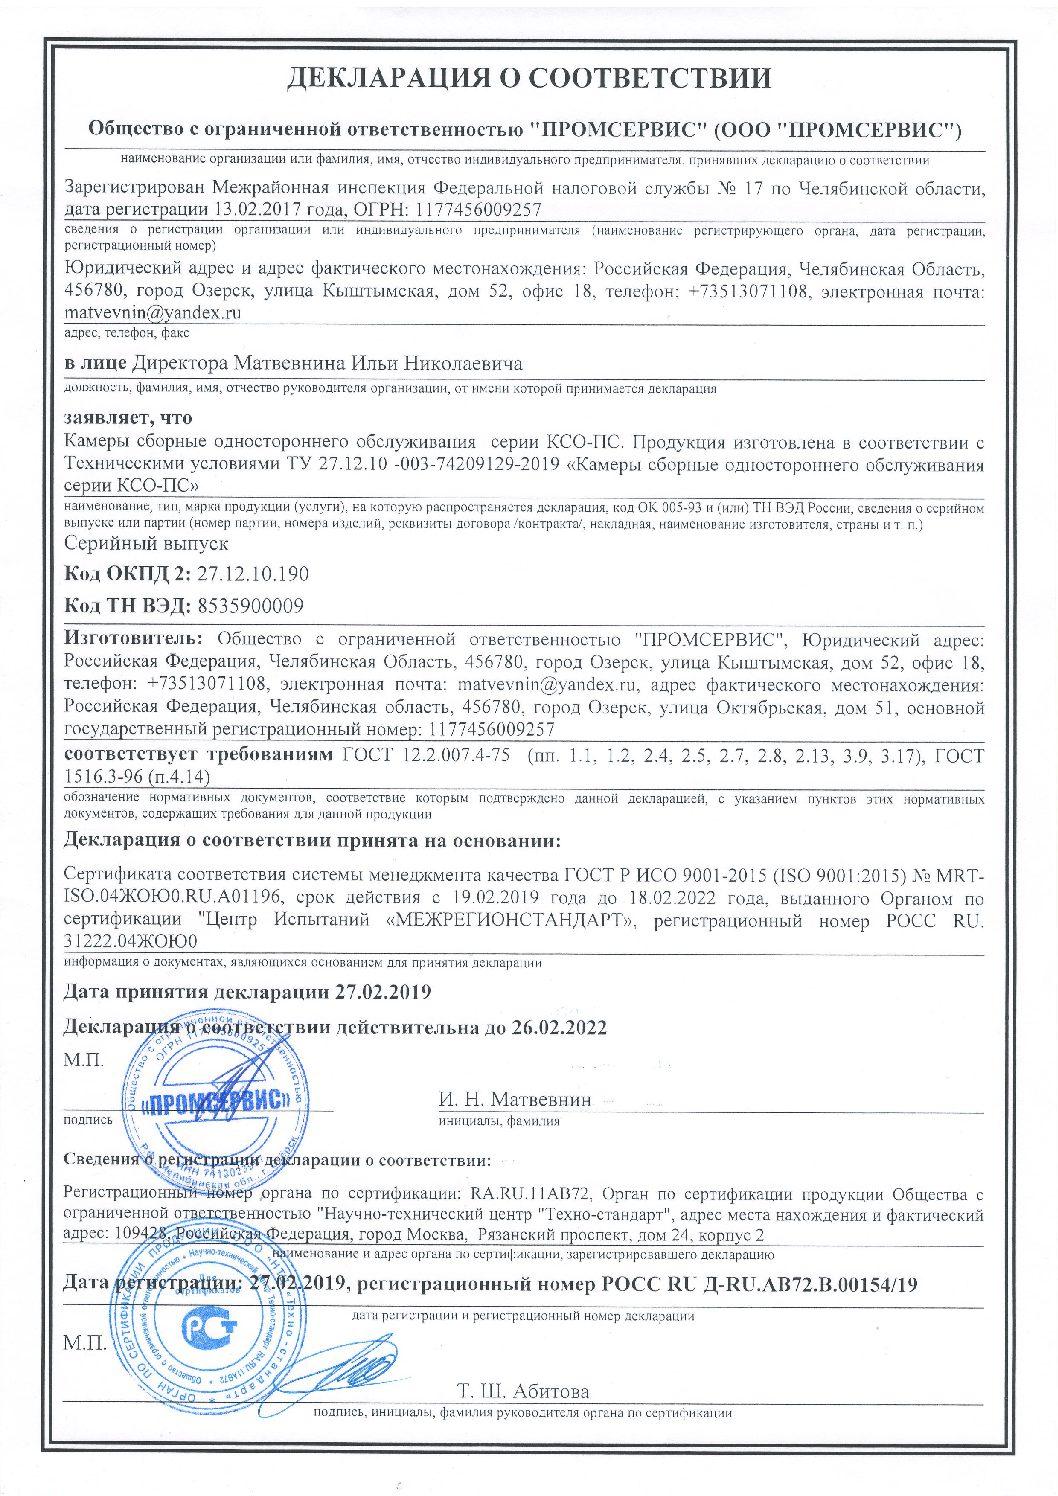 Декларация соответствия электрооборудования компании промсервис